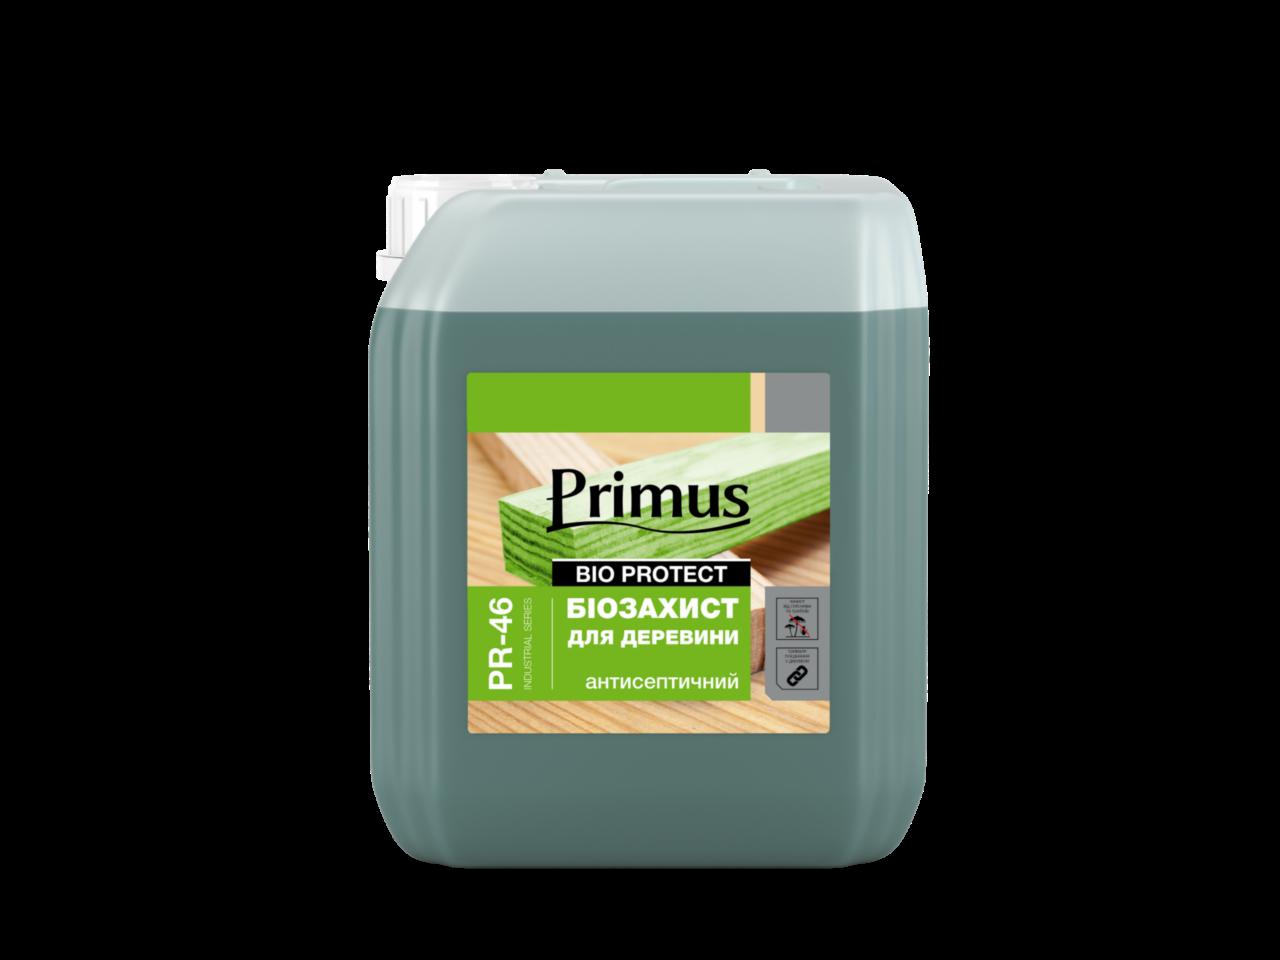 Біозахист для дерева 1л Primus